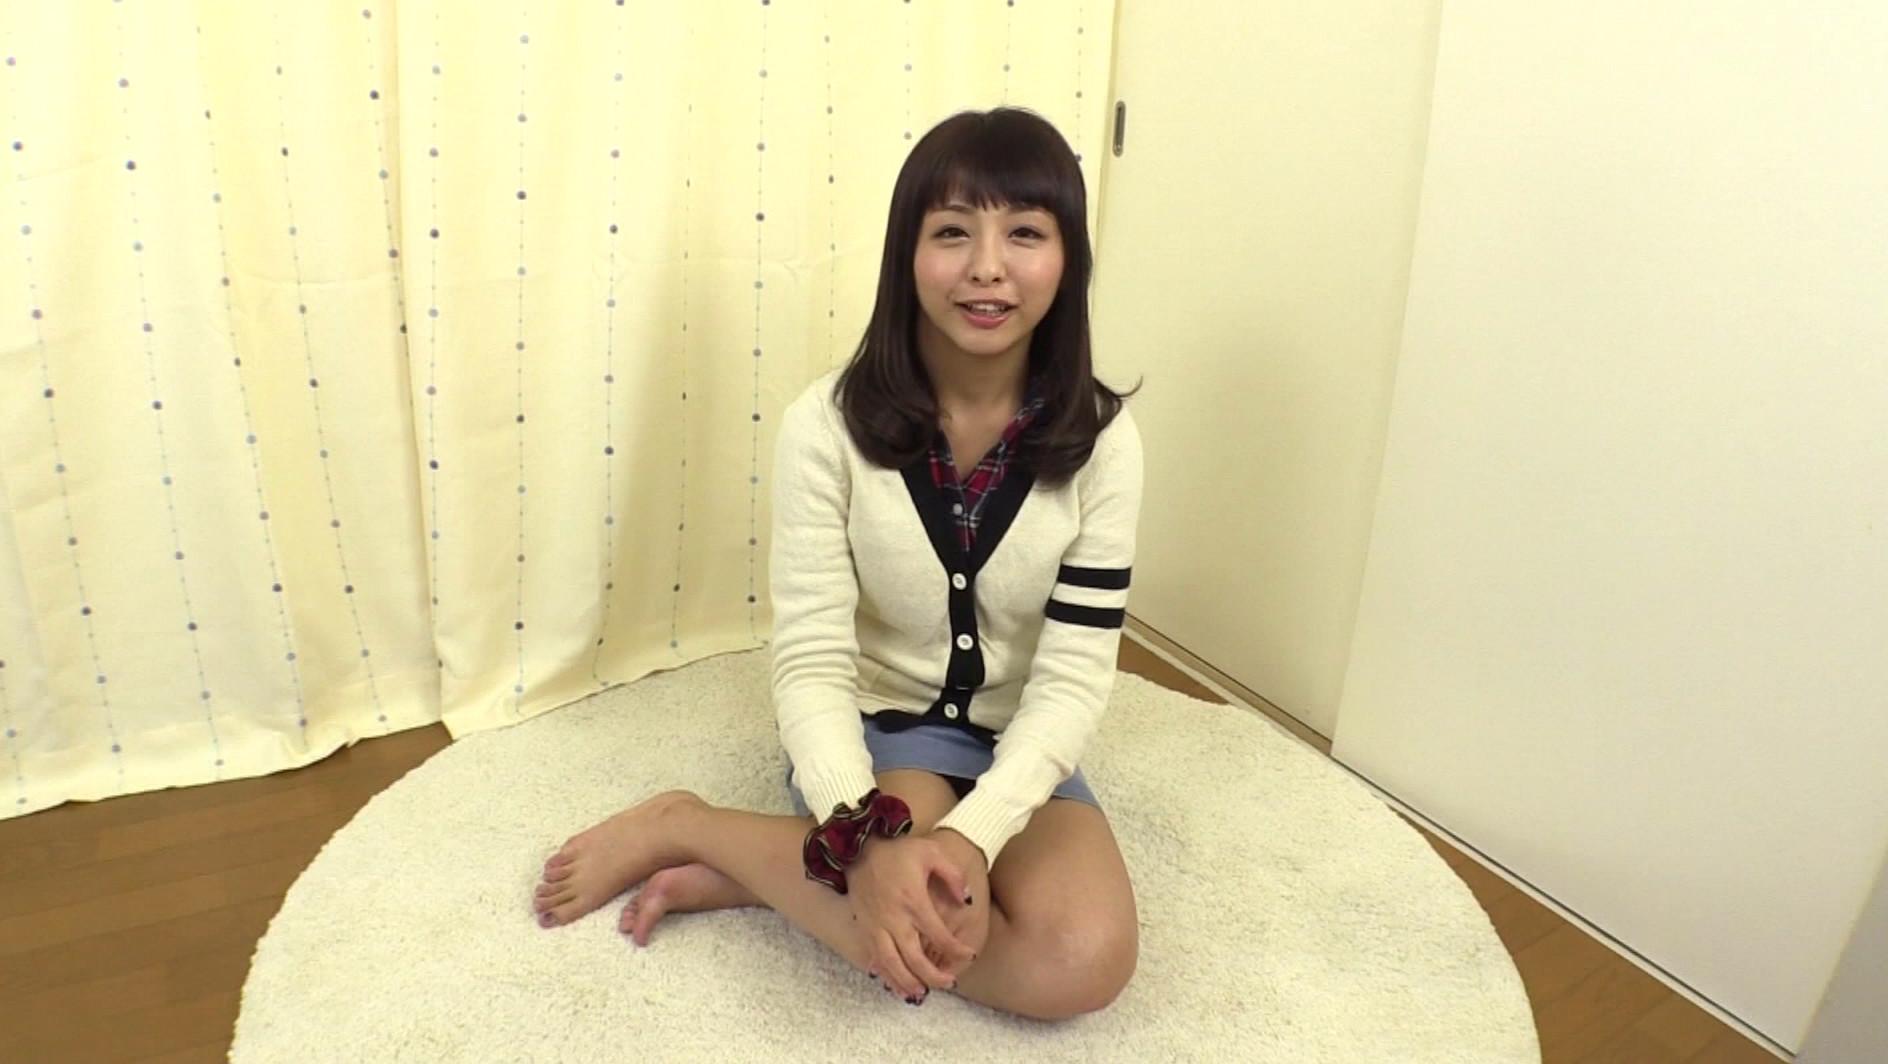 SNSに可愛い自撮り画像をアップしていた唯香ちゃん(20歳)に「1回だけでいいからAVに出演してみない?」とお願いしました。 画像4